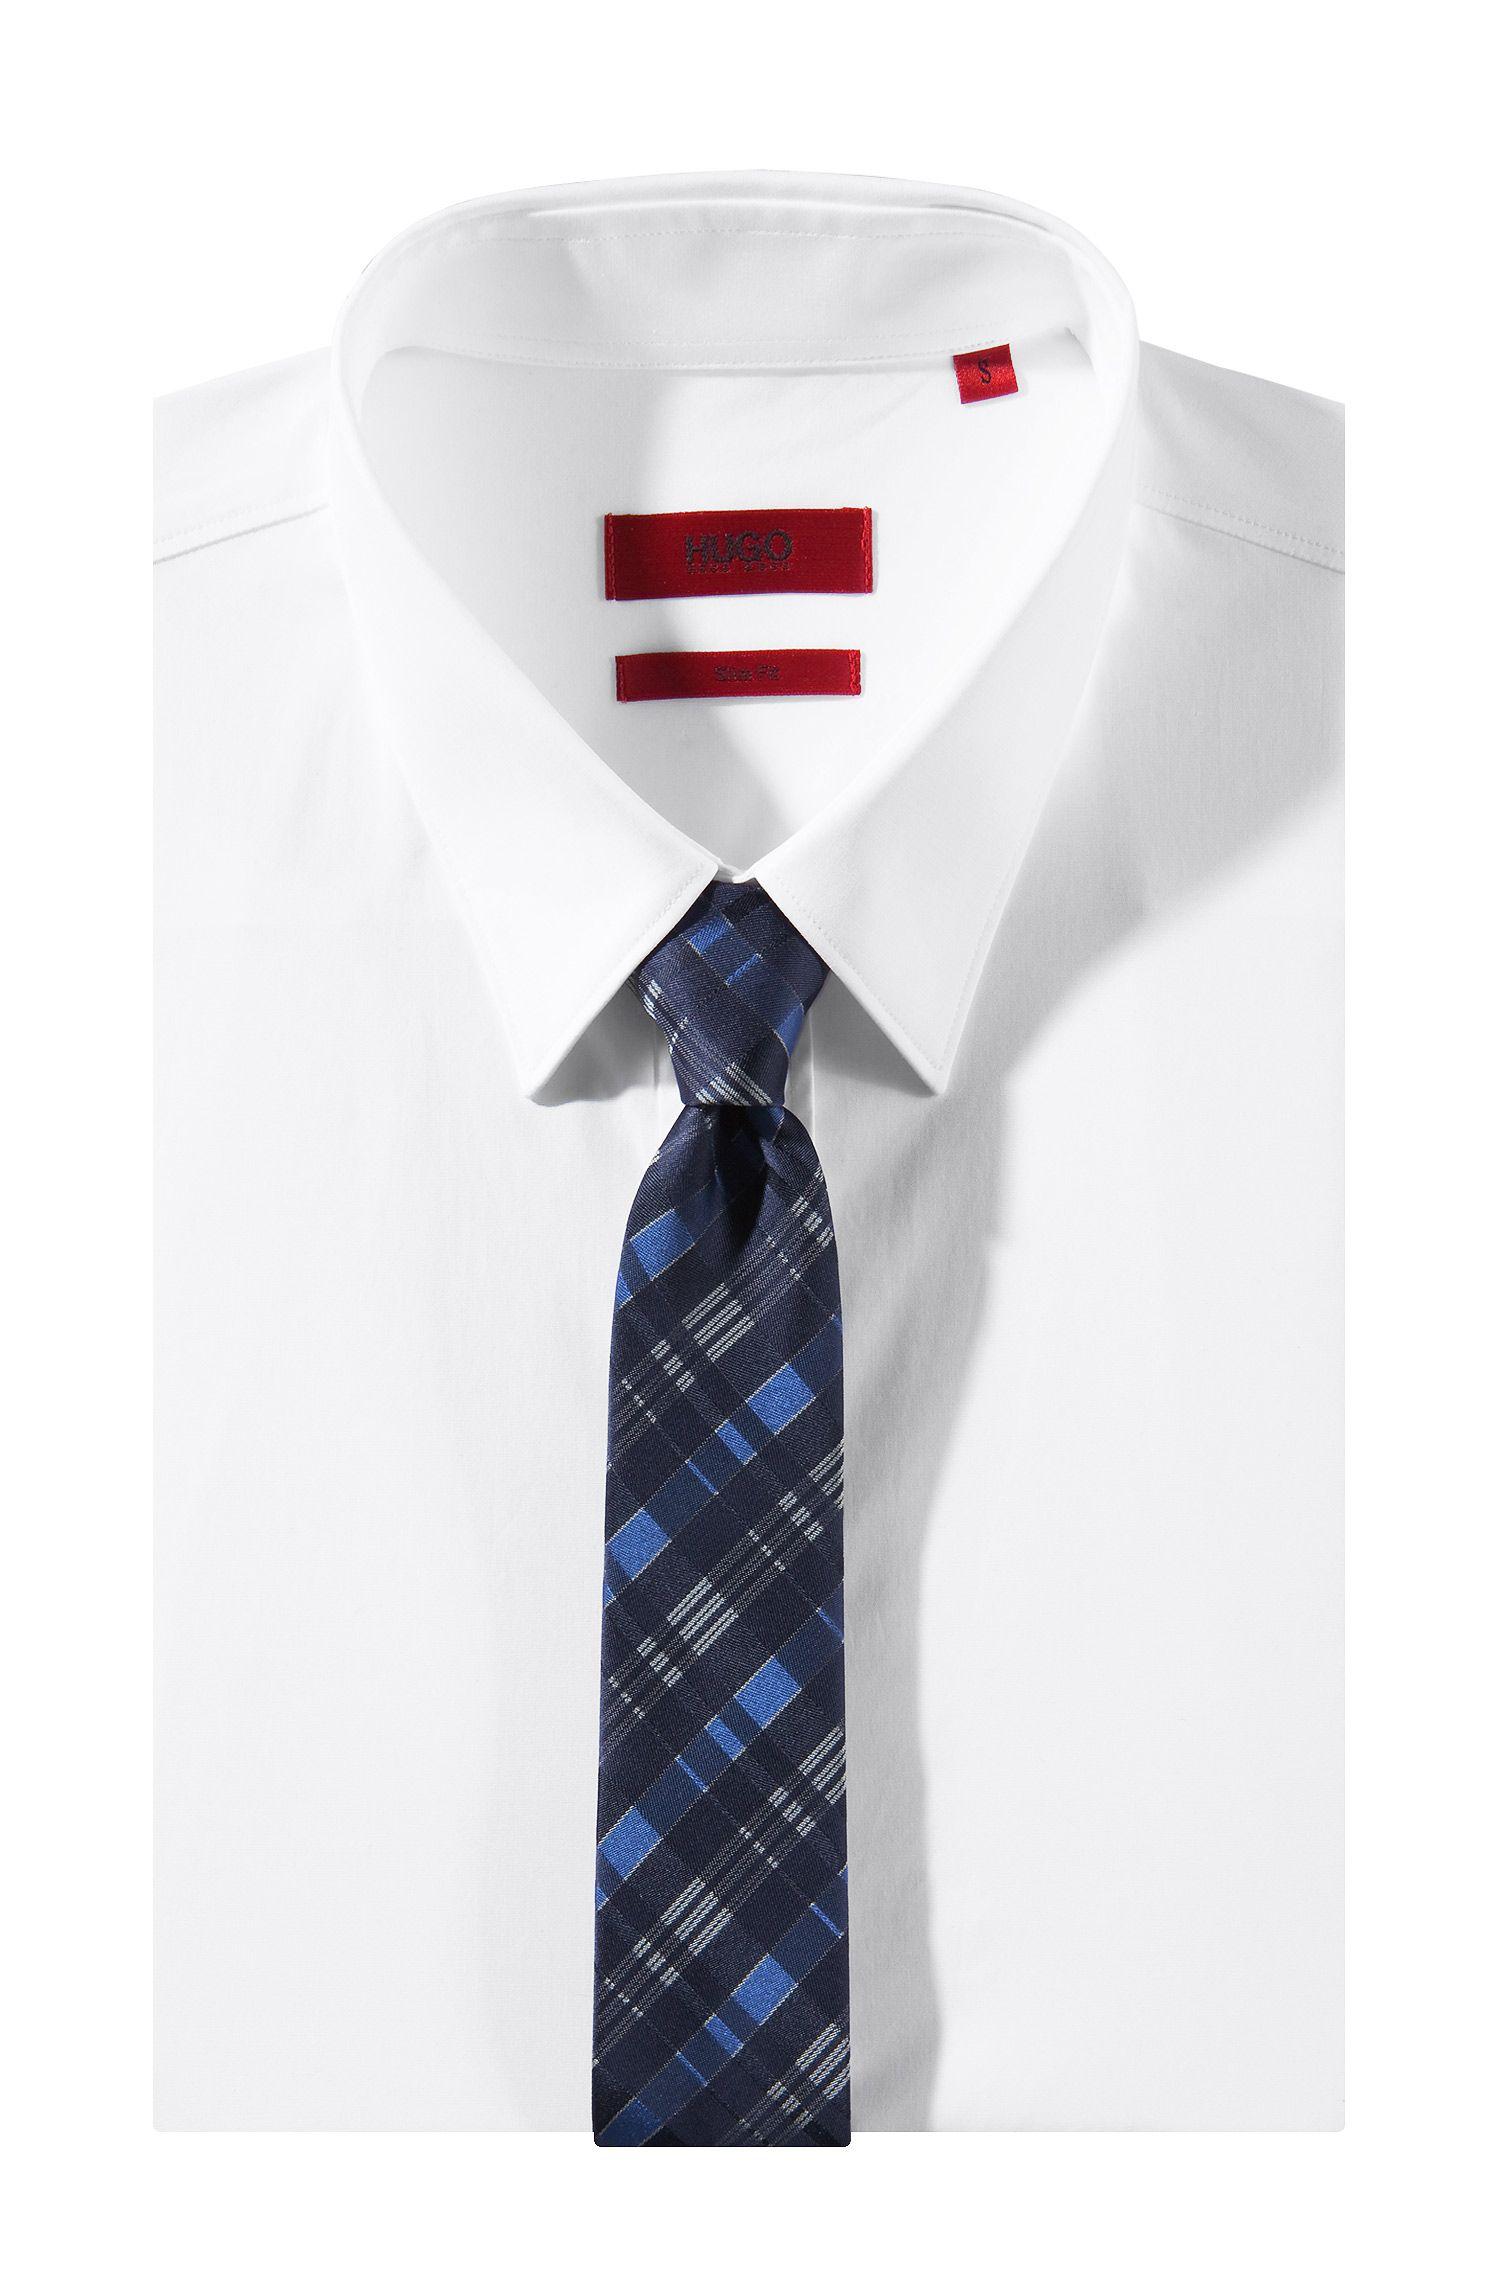 Cravate en soie lisse, Tie 6 cm